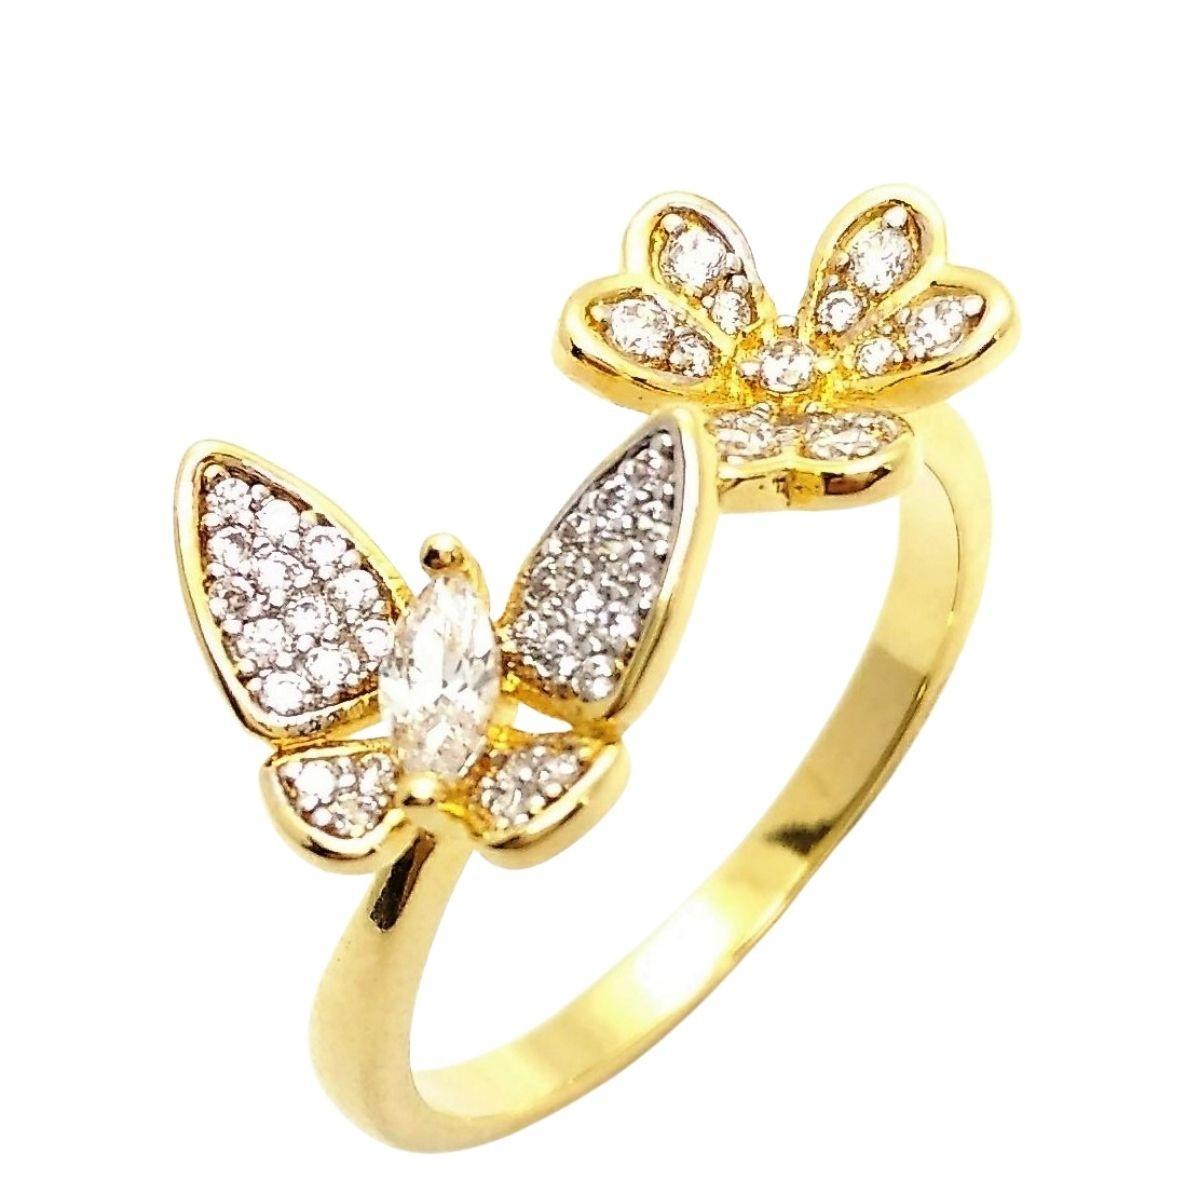 Anel Borboleta E Flor Zirconias Cristal Banho Ouro 18k 2617